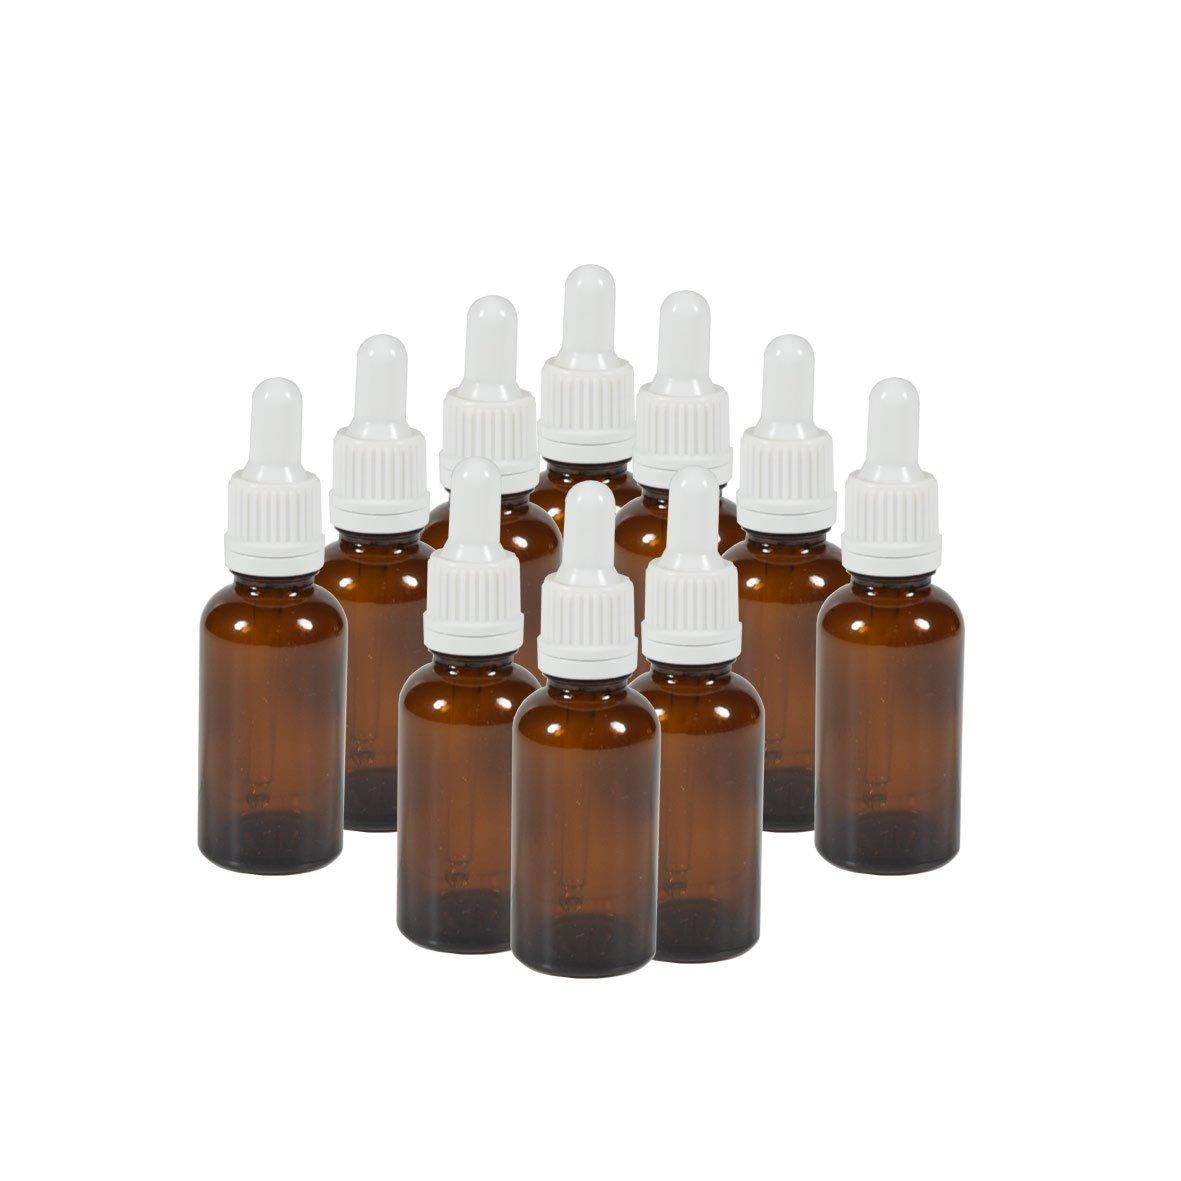 10 x flacons vides en verre ambr/é avec compte-gouttes Contenance 30 mL FL29